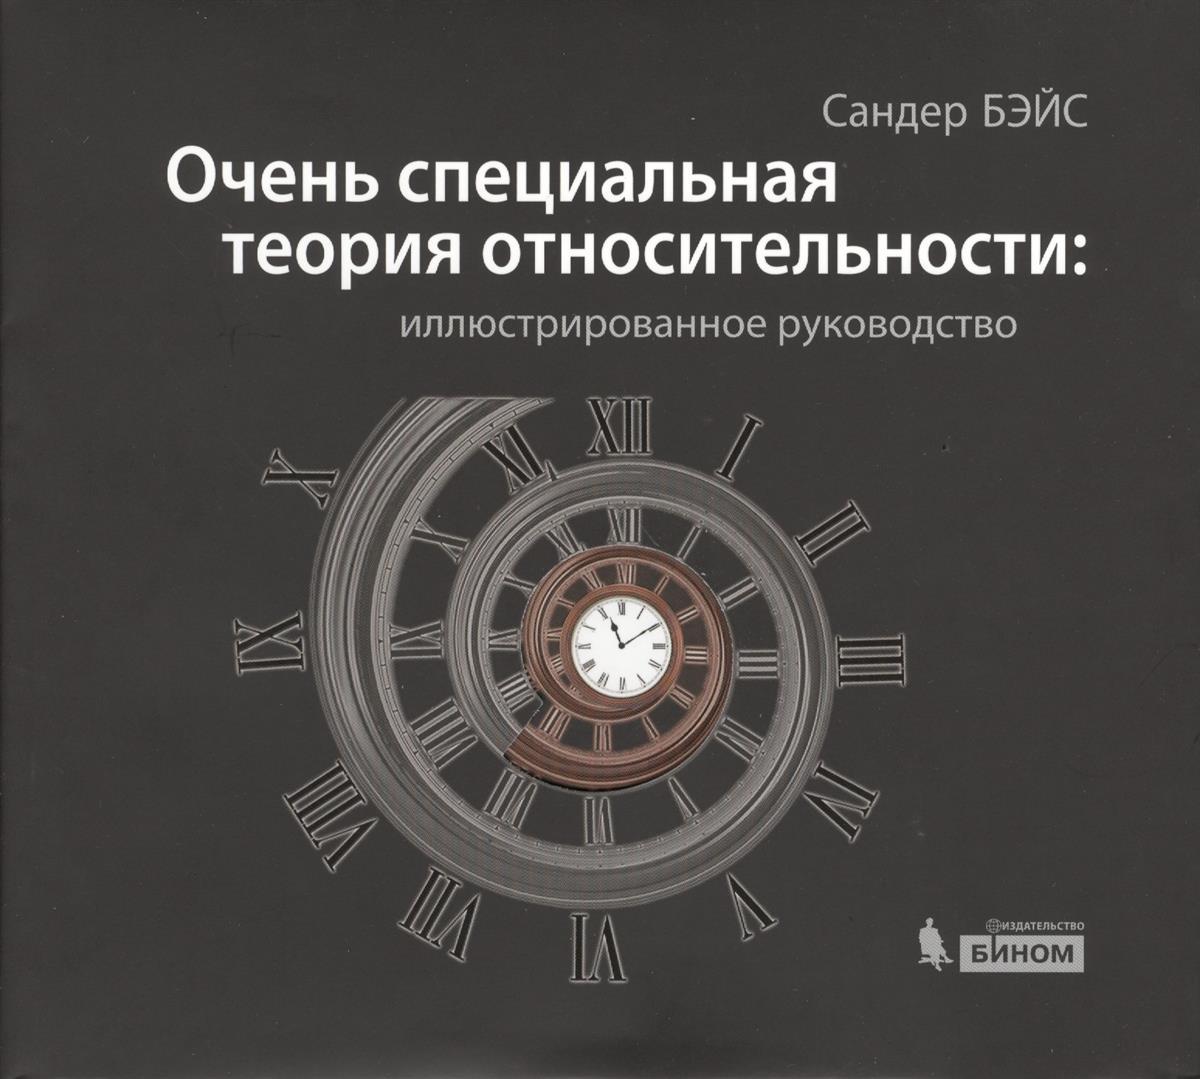 Бэйс С. Очень специальная теория относительности: иллюстрированное руководство специальная теория относительности в средней школе